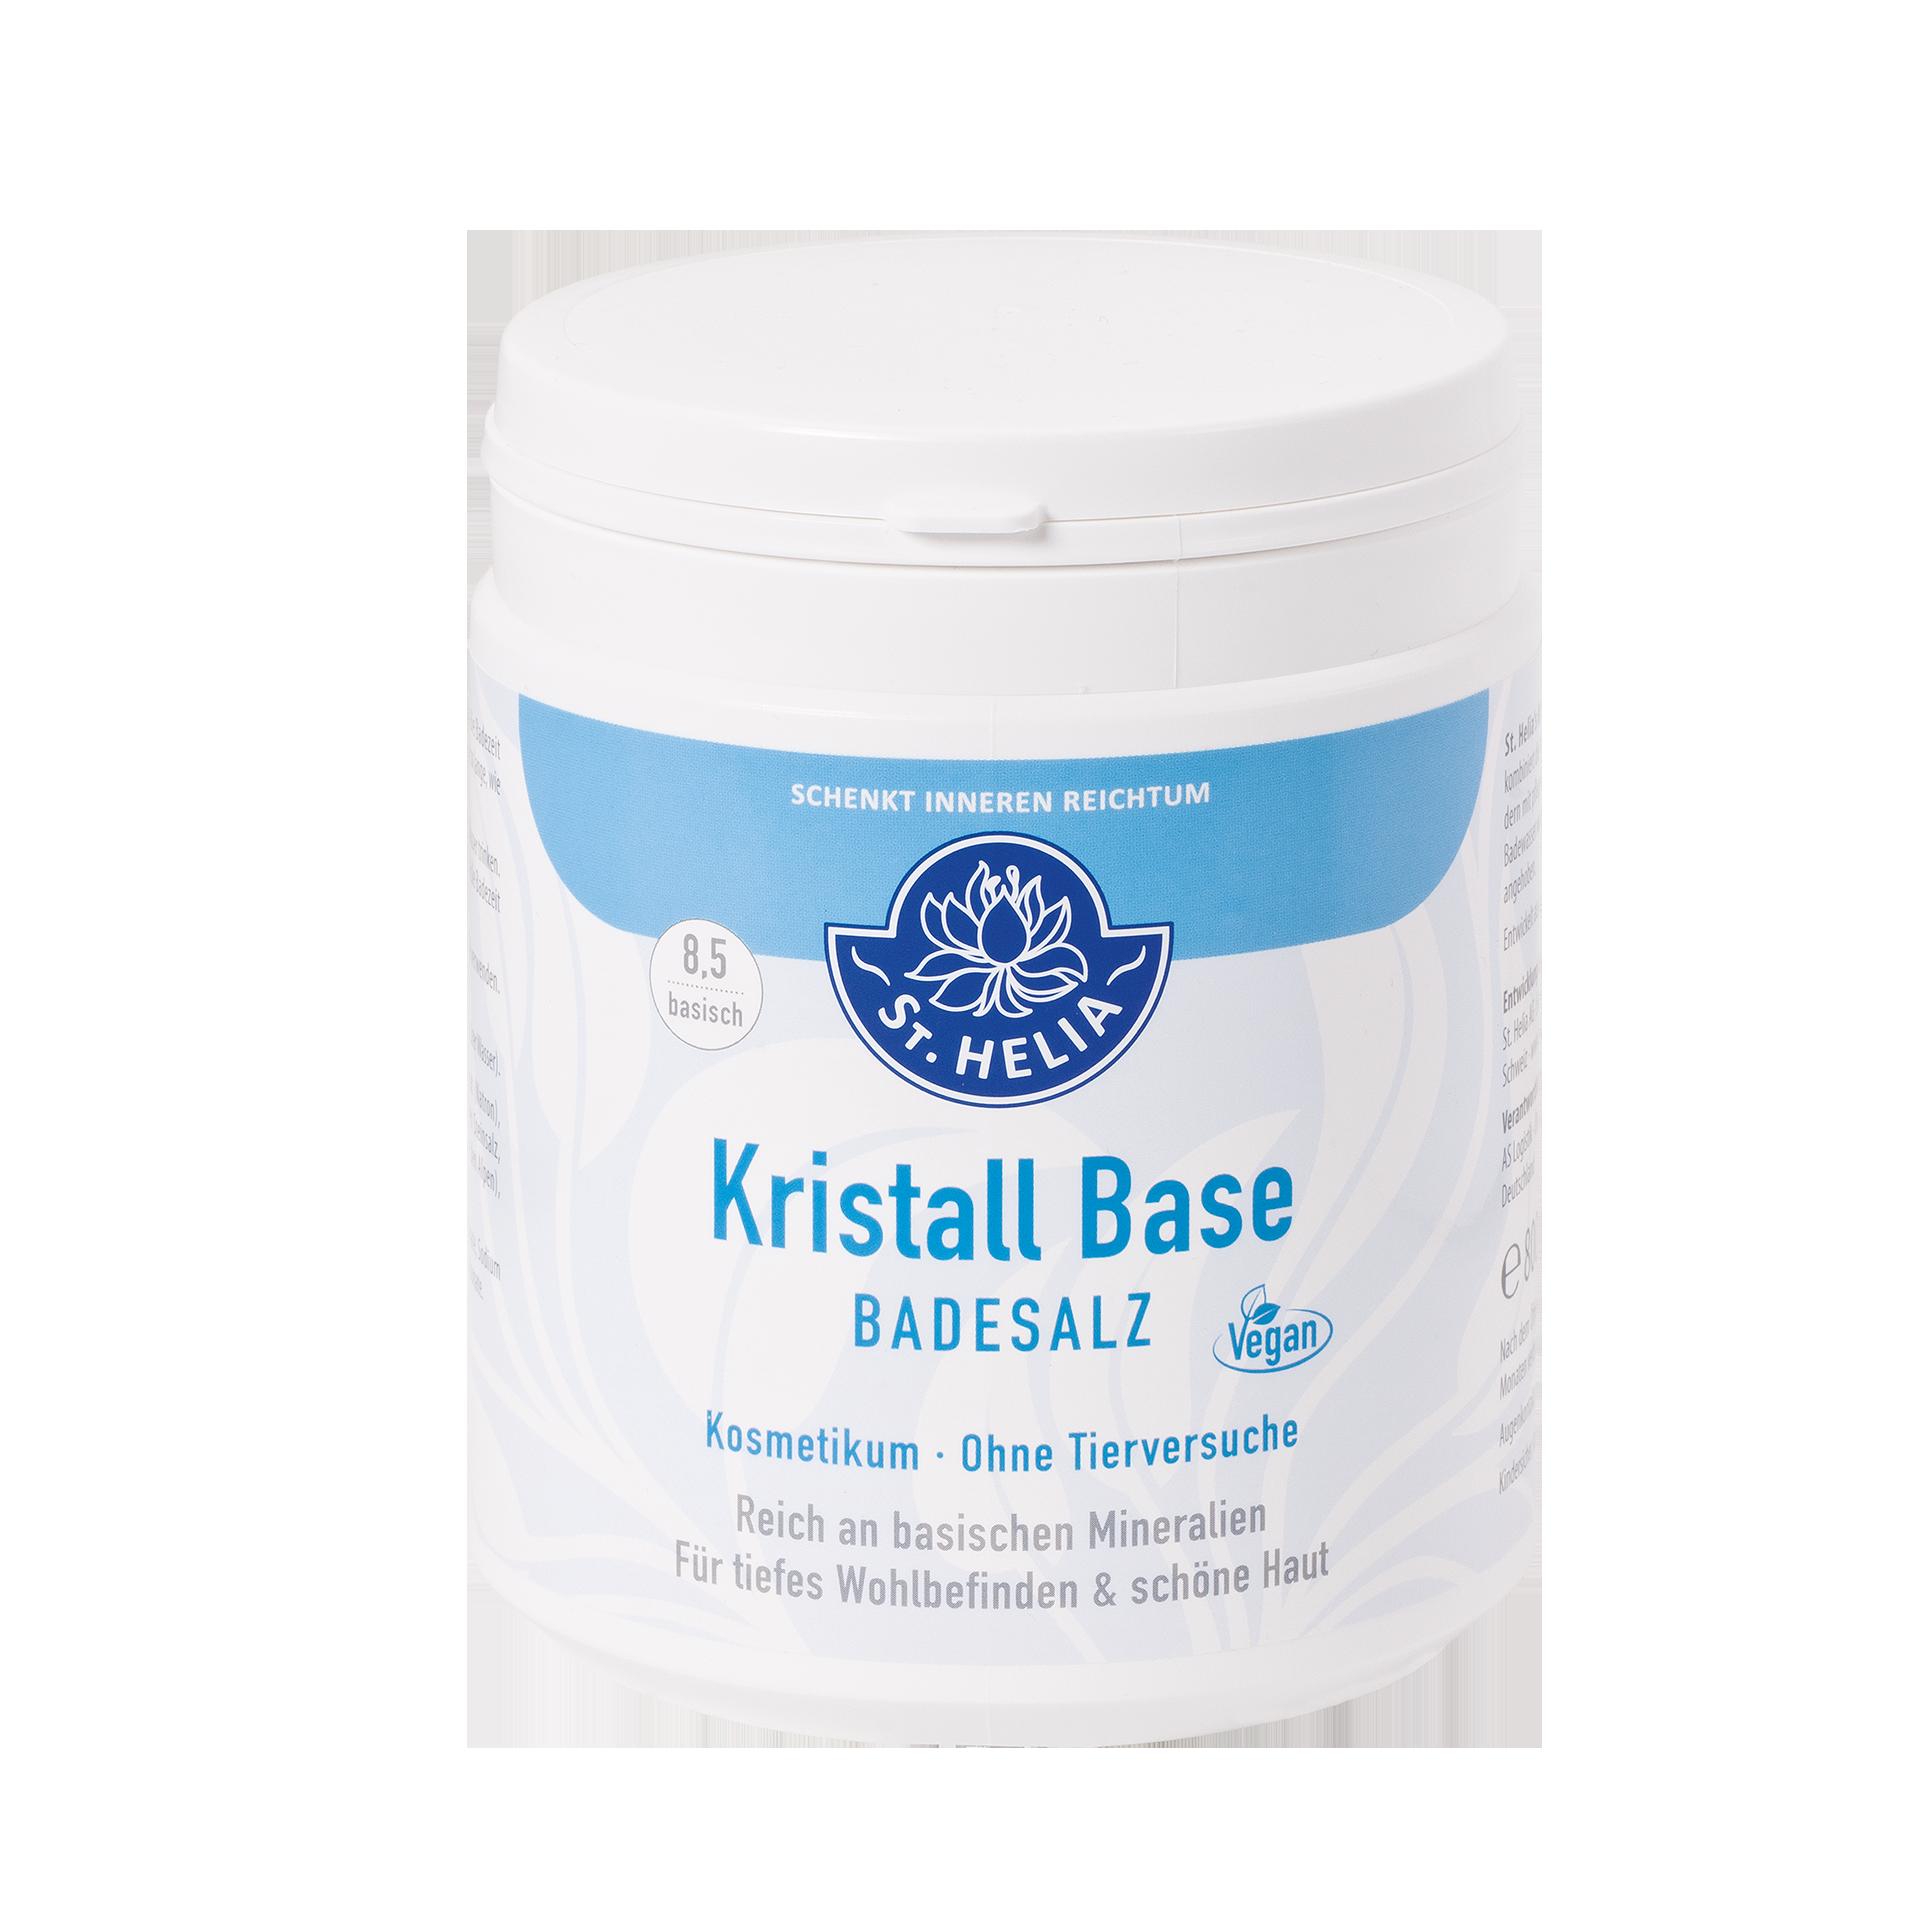 Kristall-Base - Basisches Badesalz, 800 g